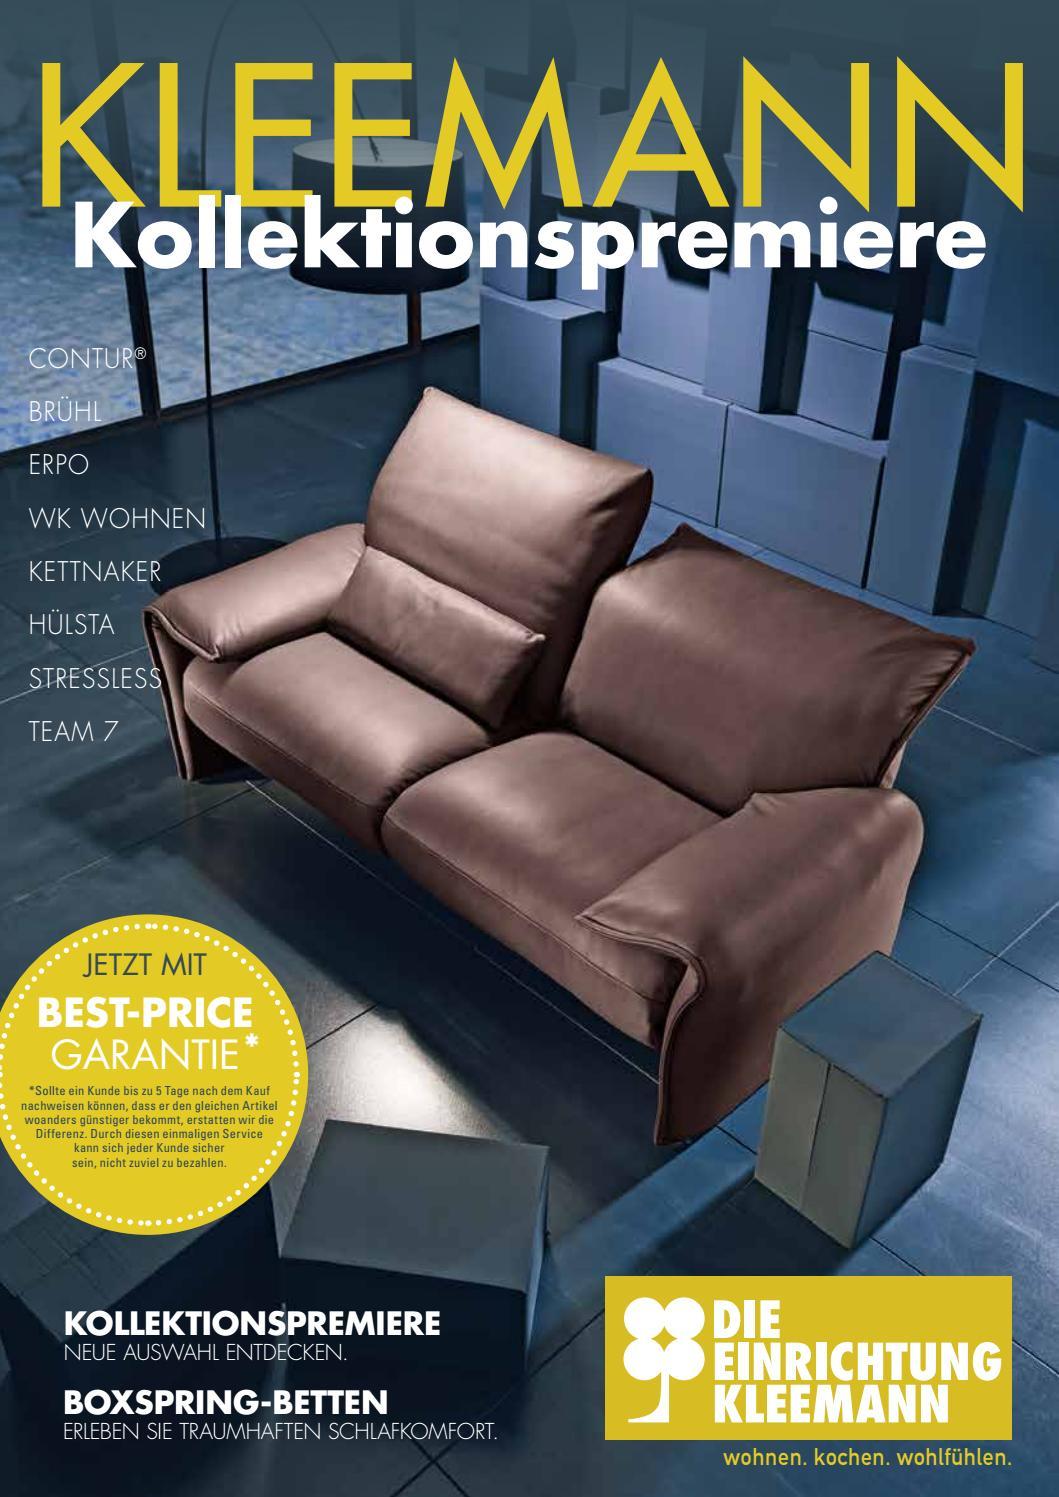 Kleemann Prospekt 0916 by Perspektive Werbeagentur - issuu